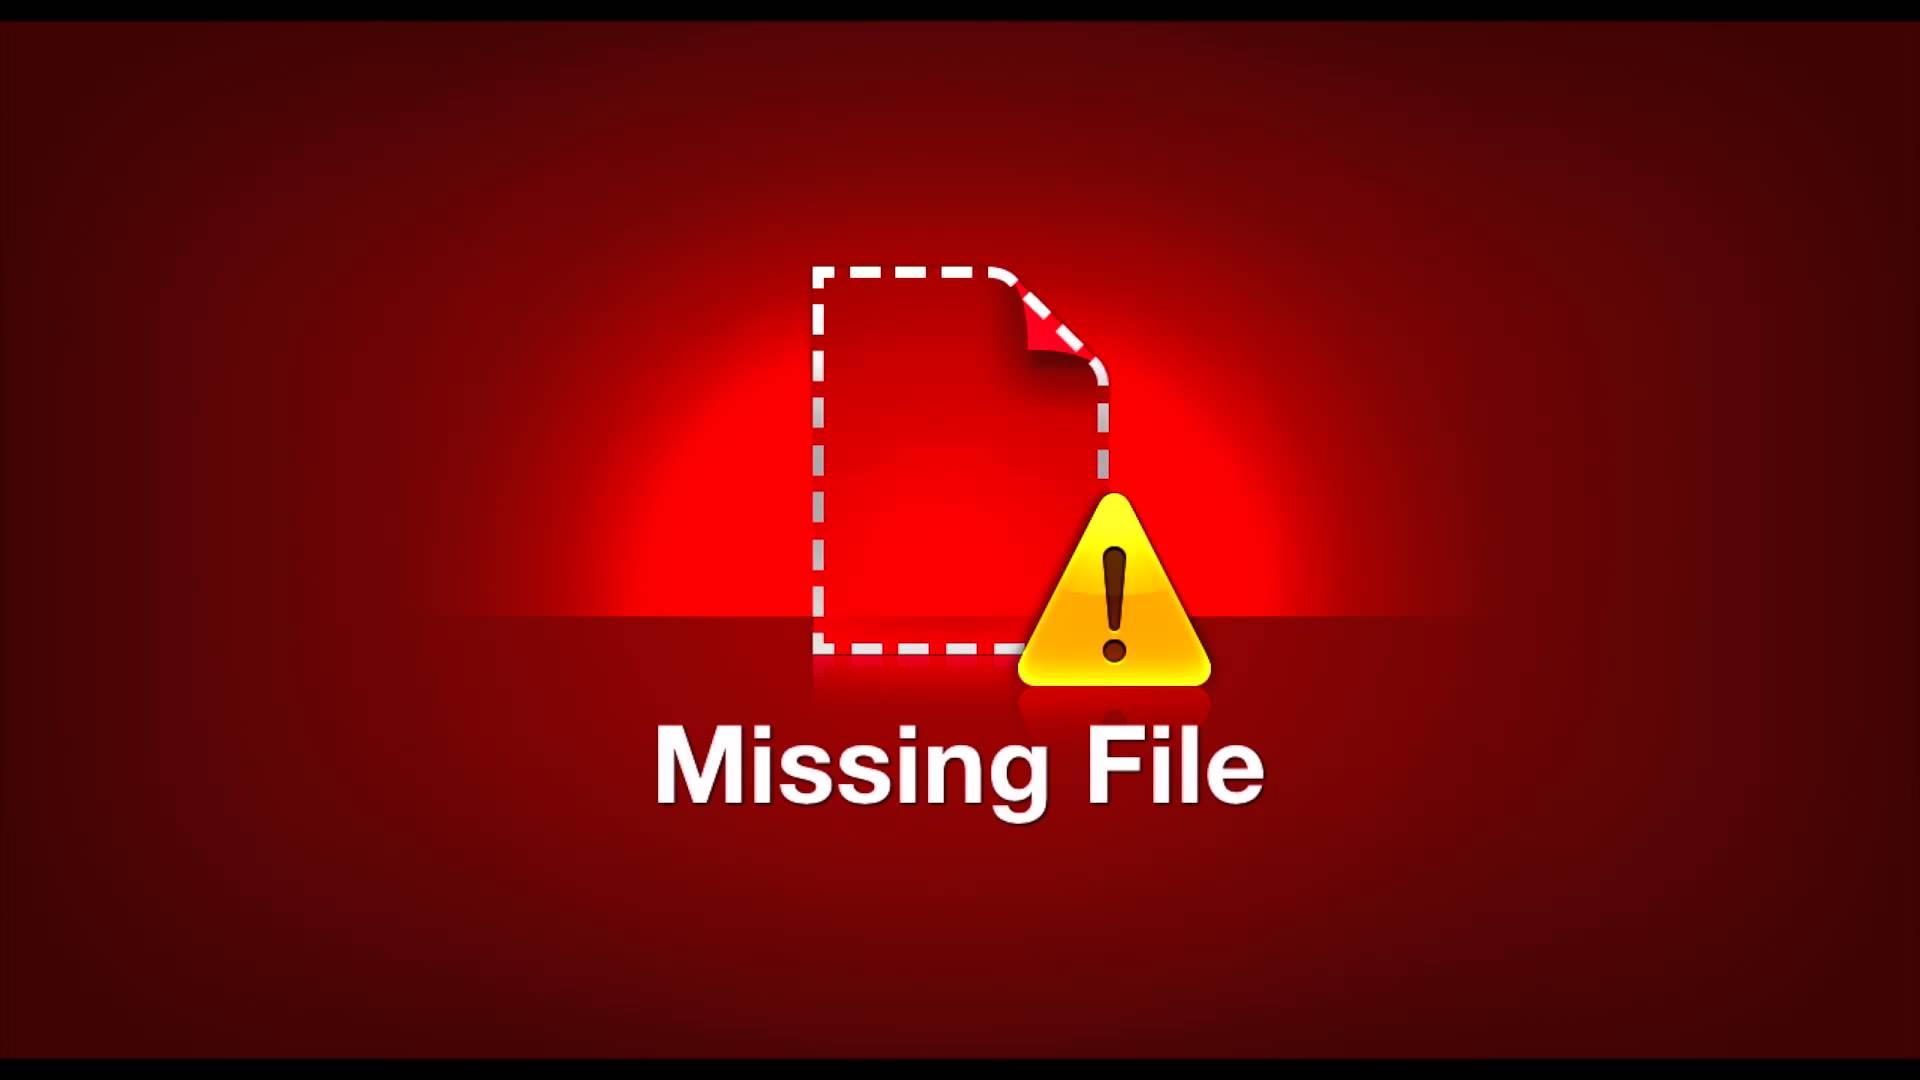 missing_file_error_message